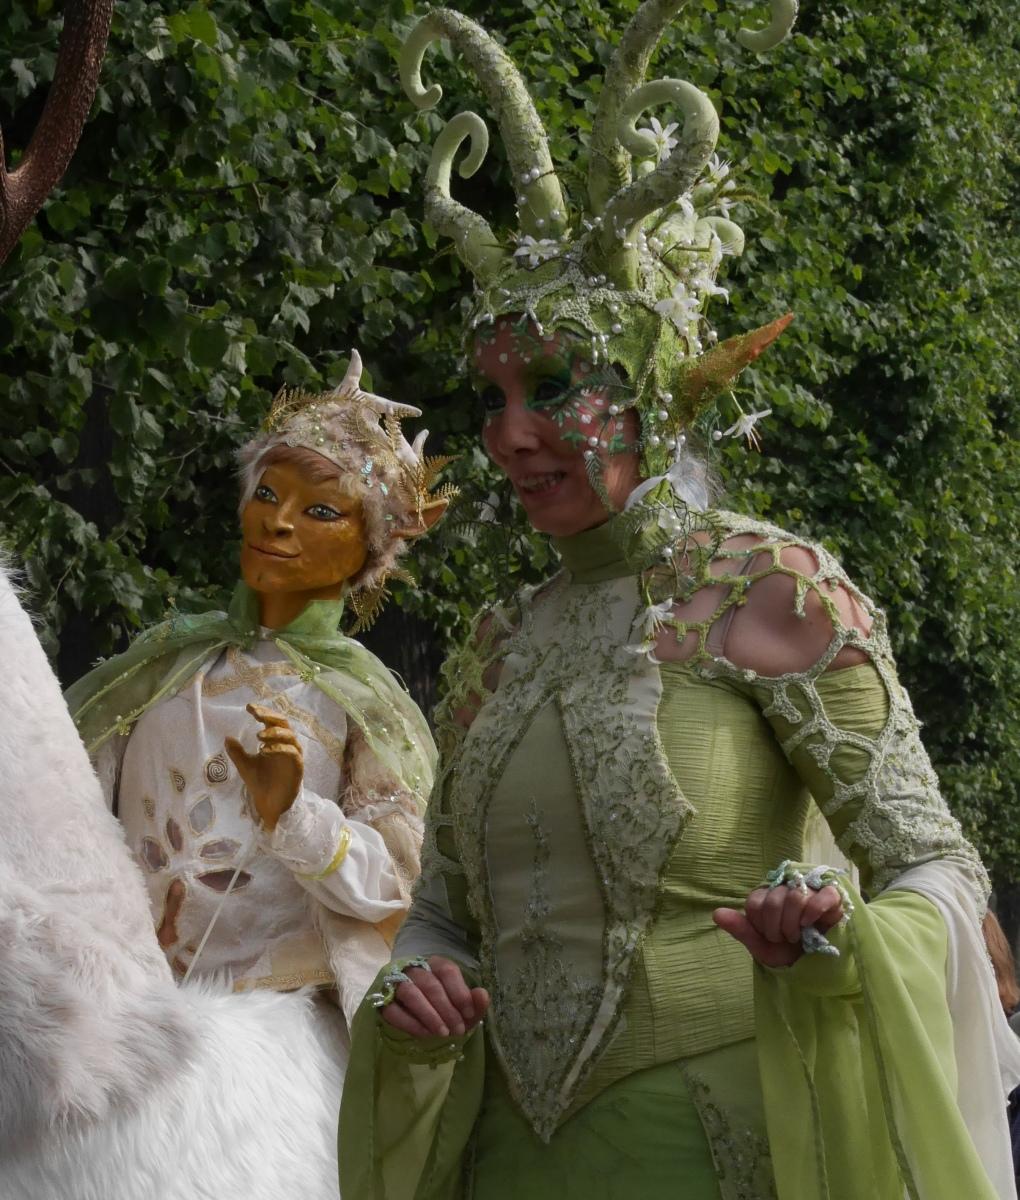 Eine Elfe wird von einem auf einem weißen Hirsch reitenden Elf begleitet.